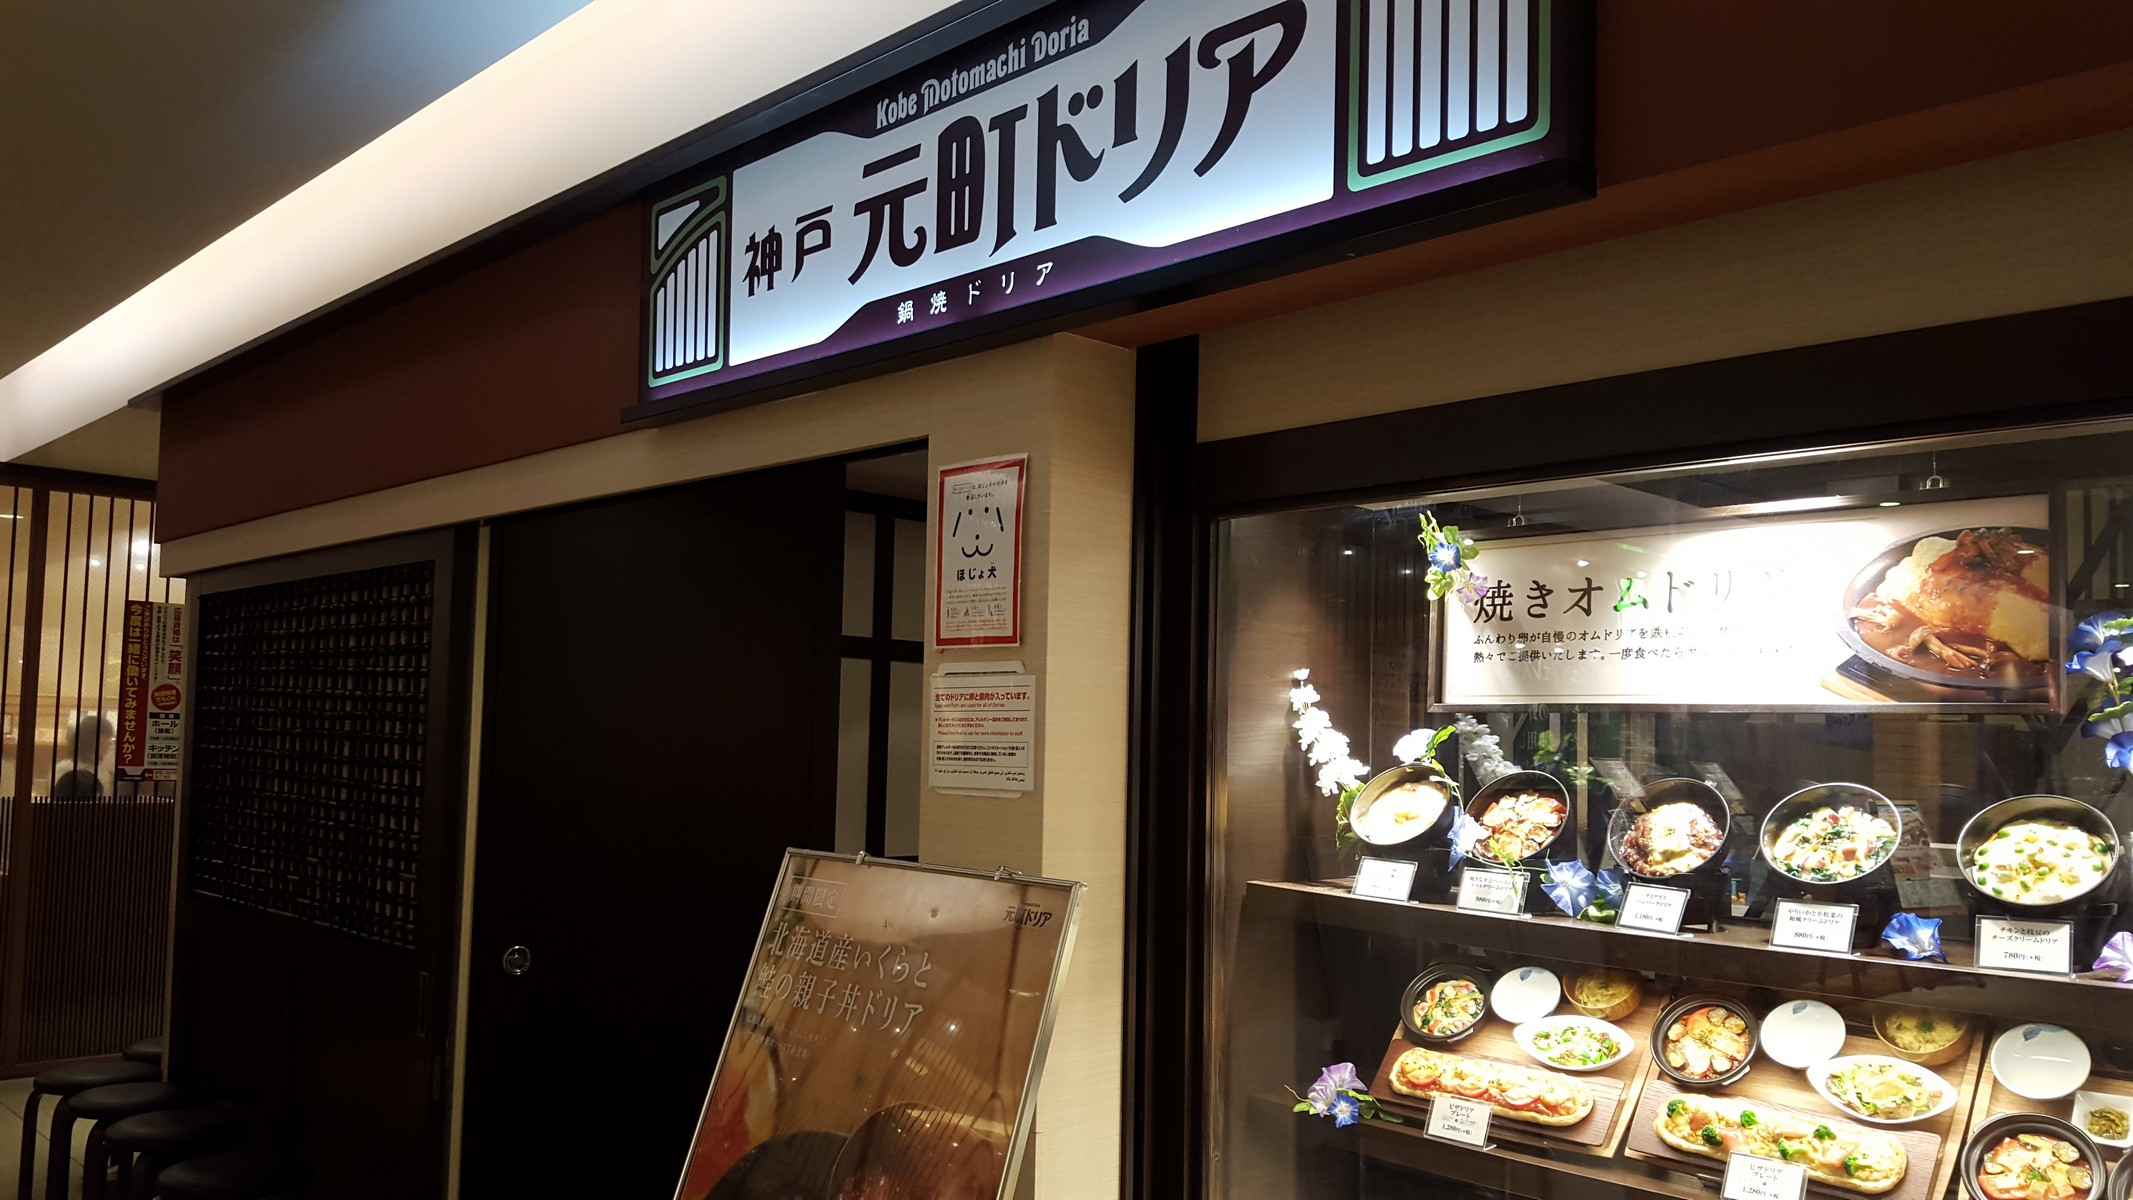 店舗外観【神戸元町ドリア二子玉川ライズ店/二子玉川】